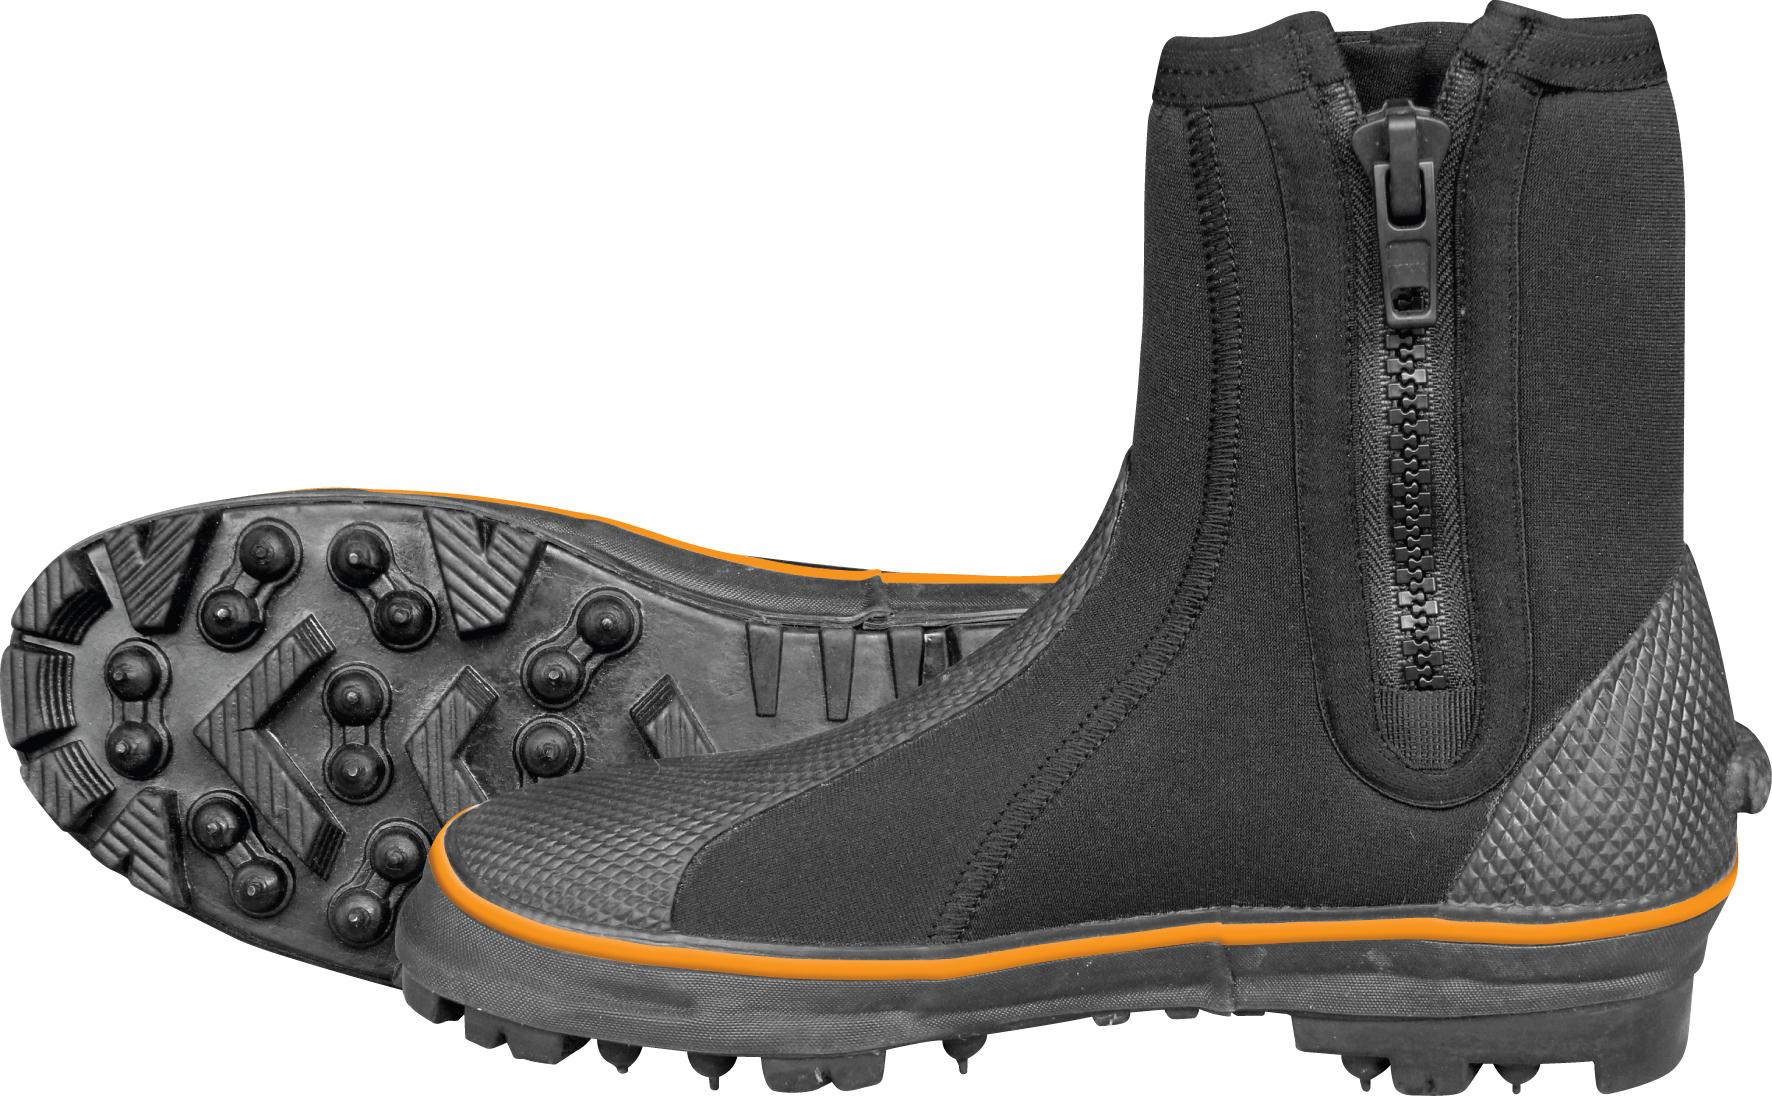 1f72abb20fcc Aqua Shoes Wetsuit Boots Water Shoes Cape Byron Sports